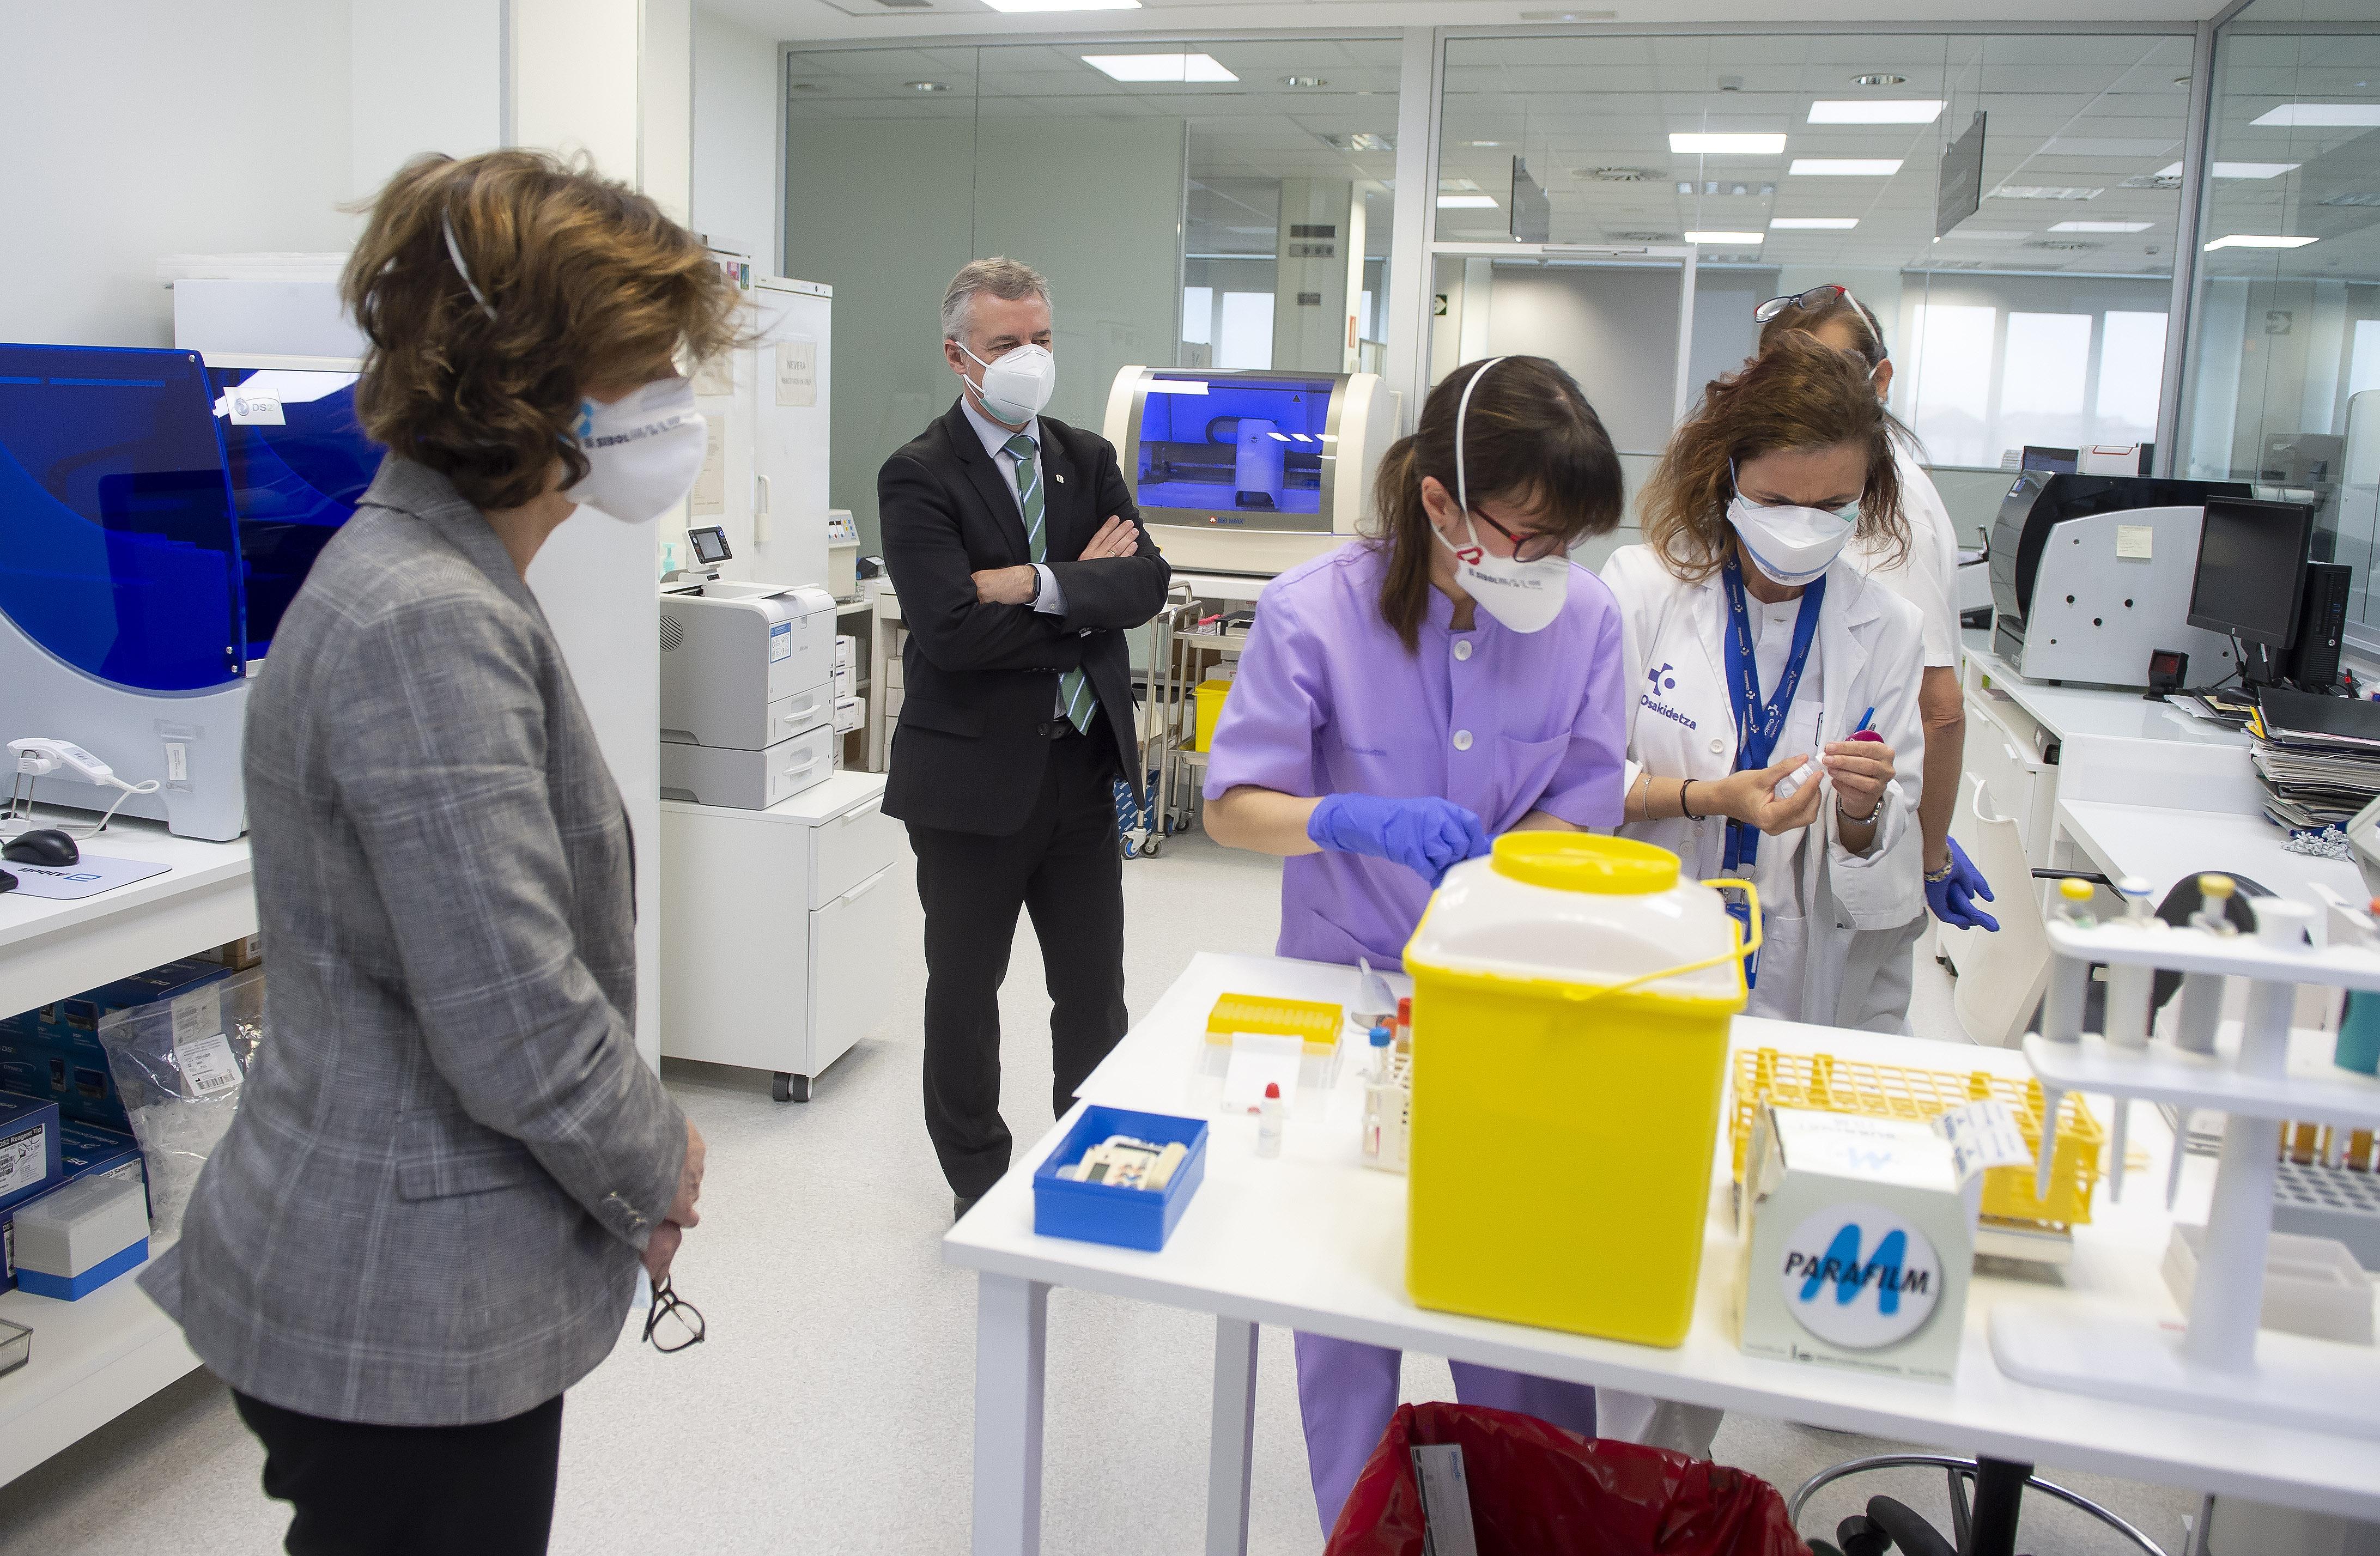 El Lehendakari reconoce el esfuerzo y trabajo en red del equipo de profesionales de los laboratorios de Osakidetza para hacer frente al Coronavirus